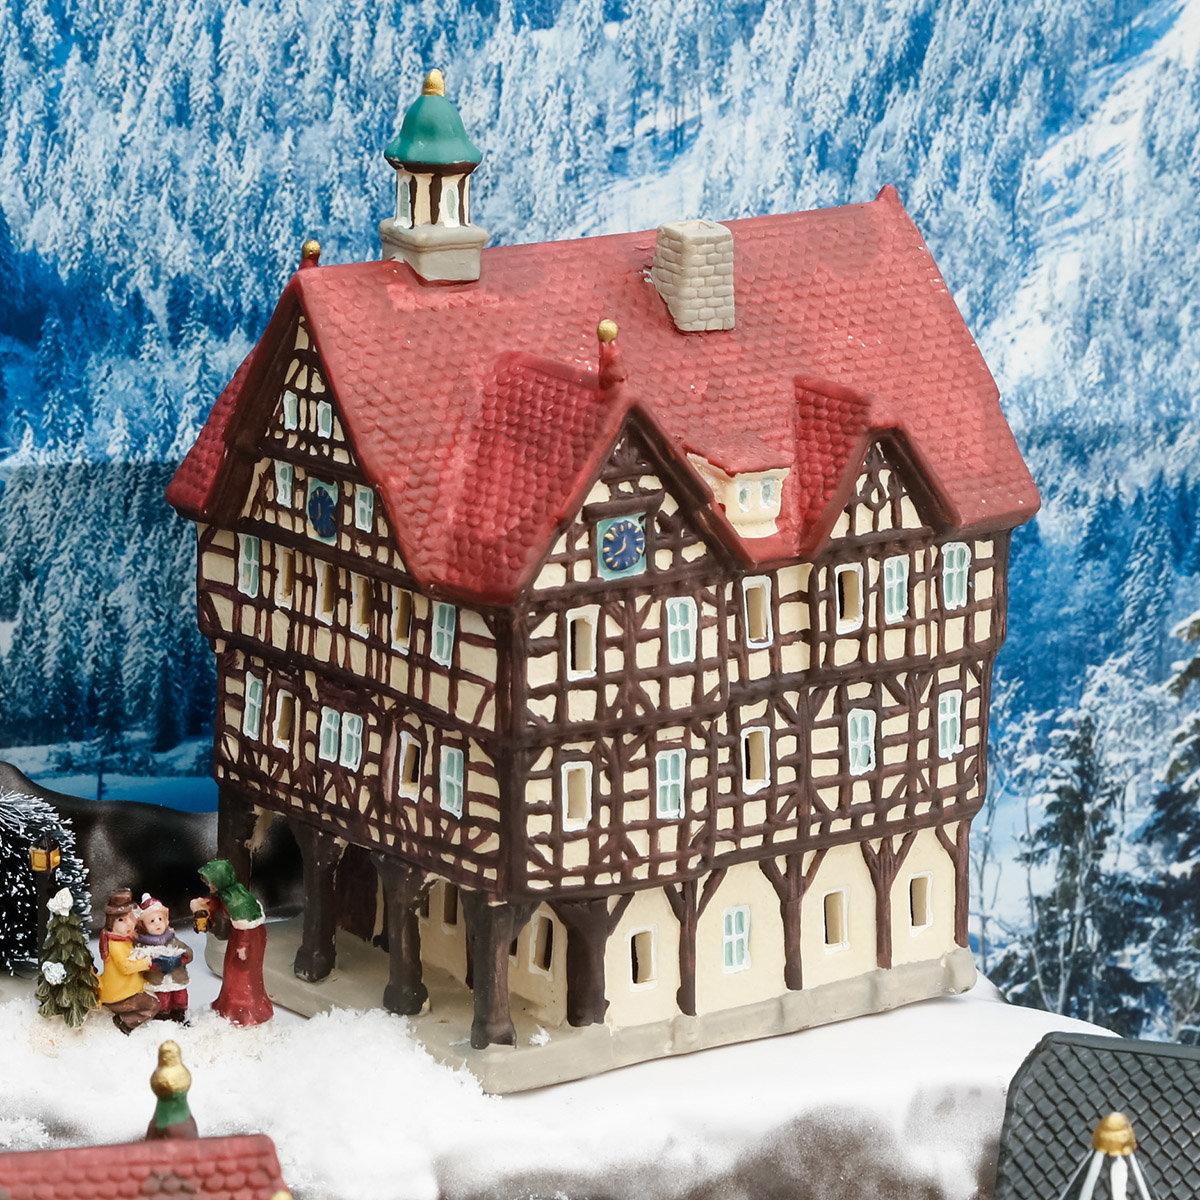 Miniatur-Weihnachtsdorf-Lichthaus Rathaus in Bad Urach